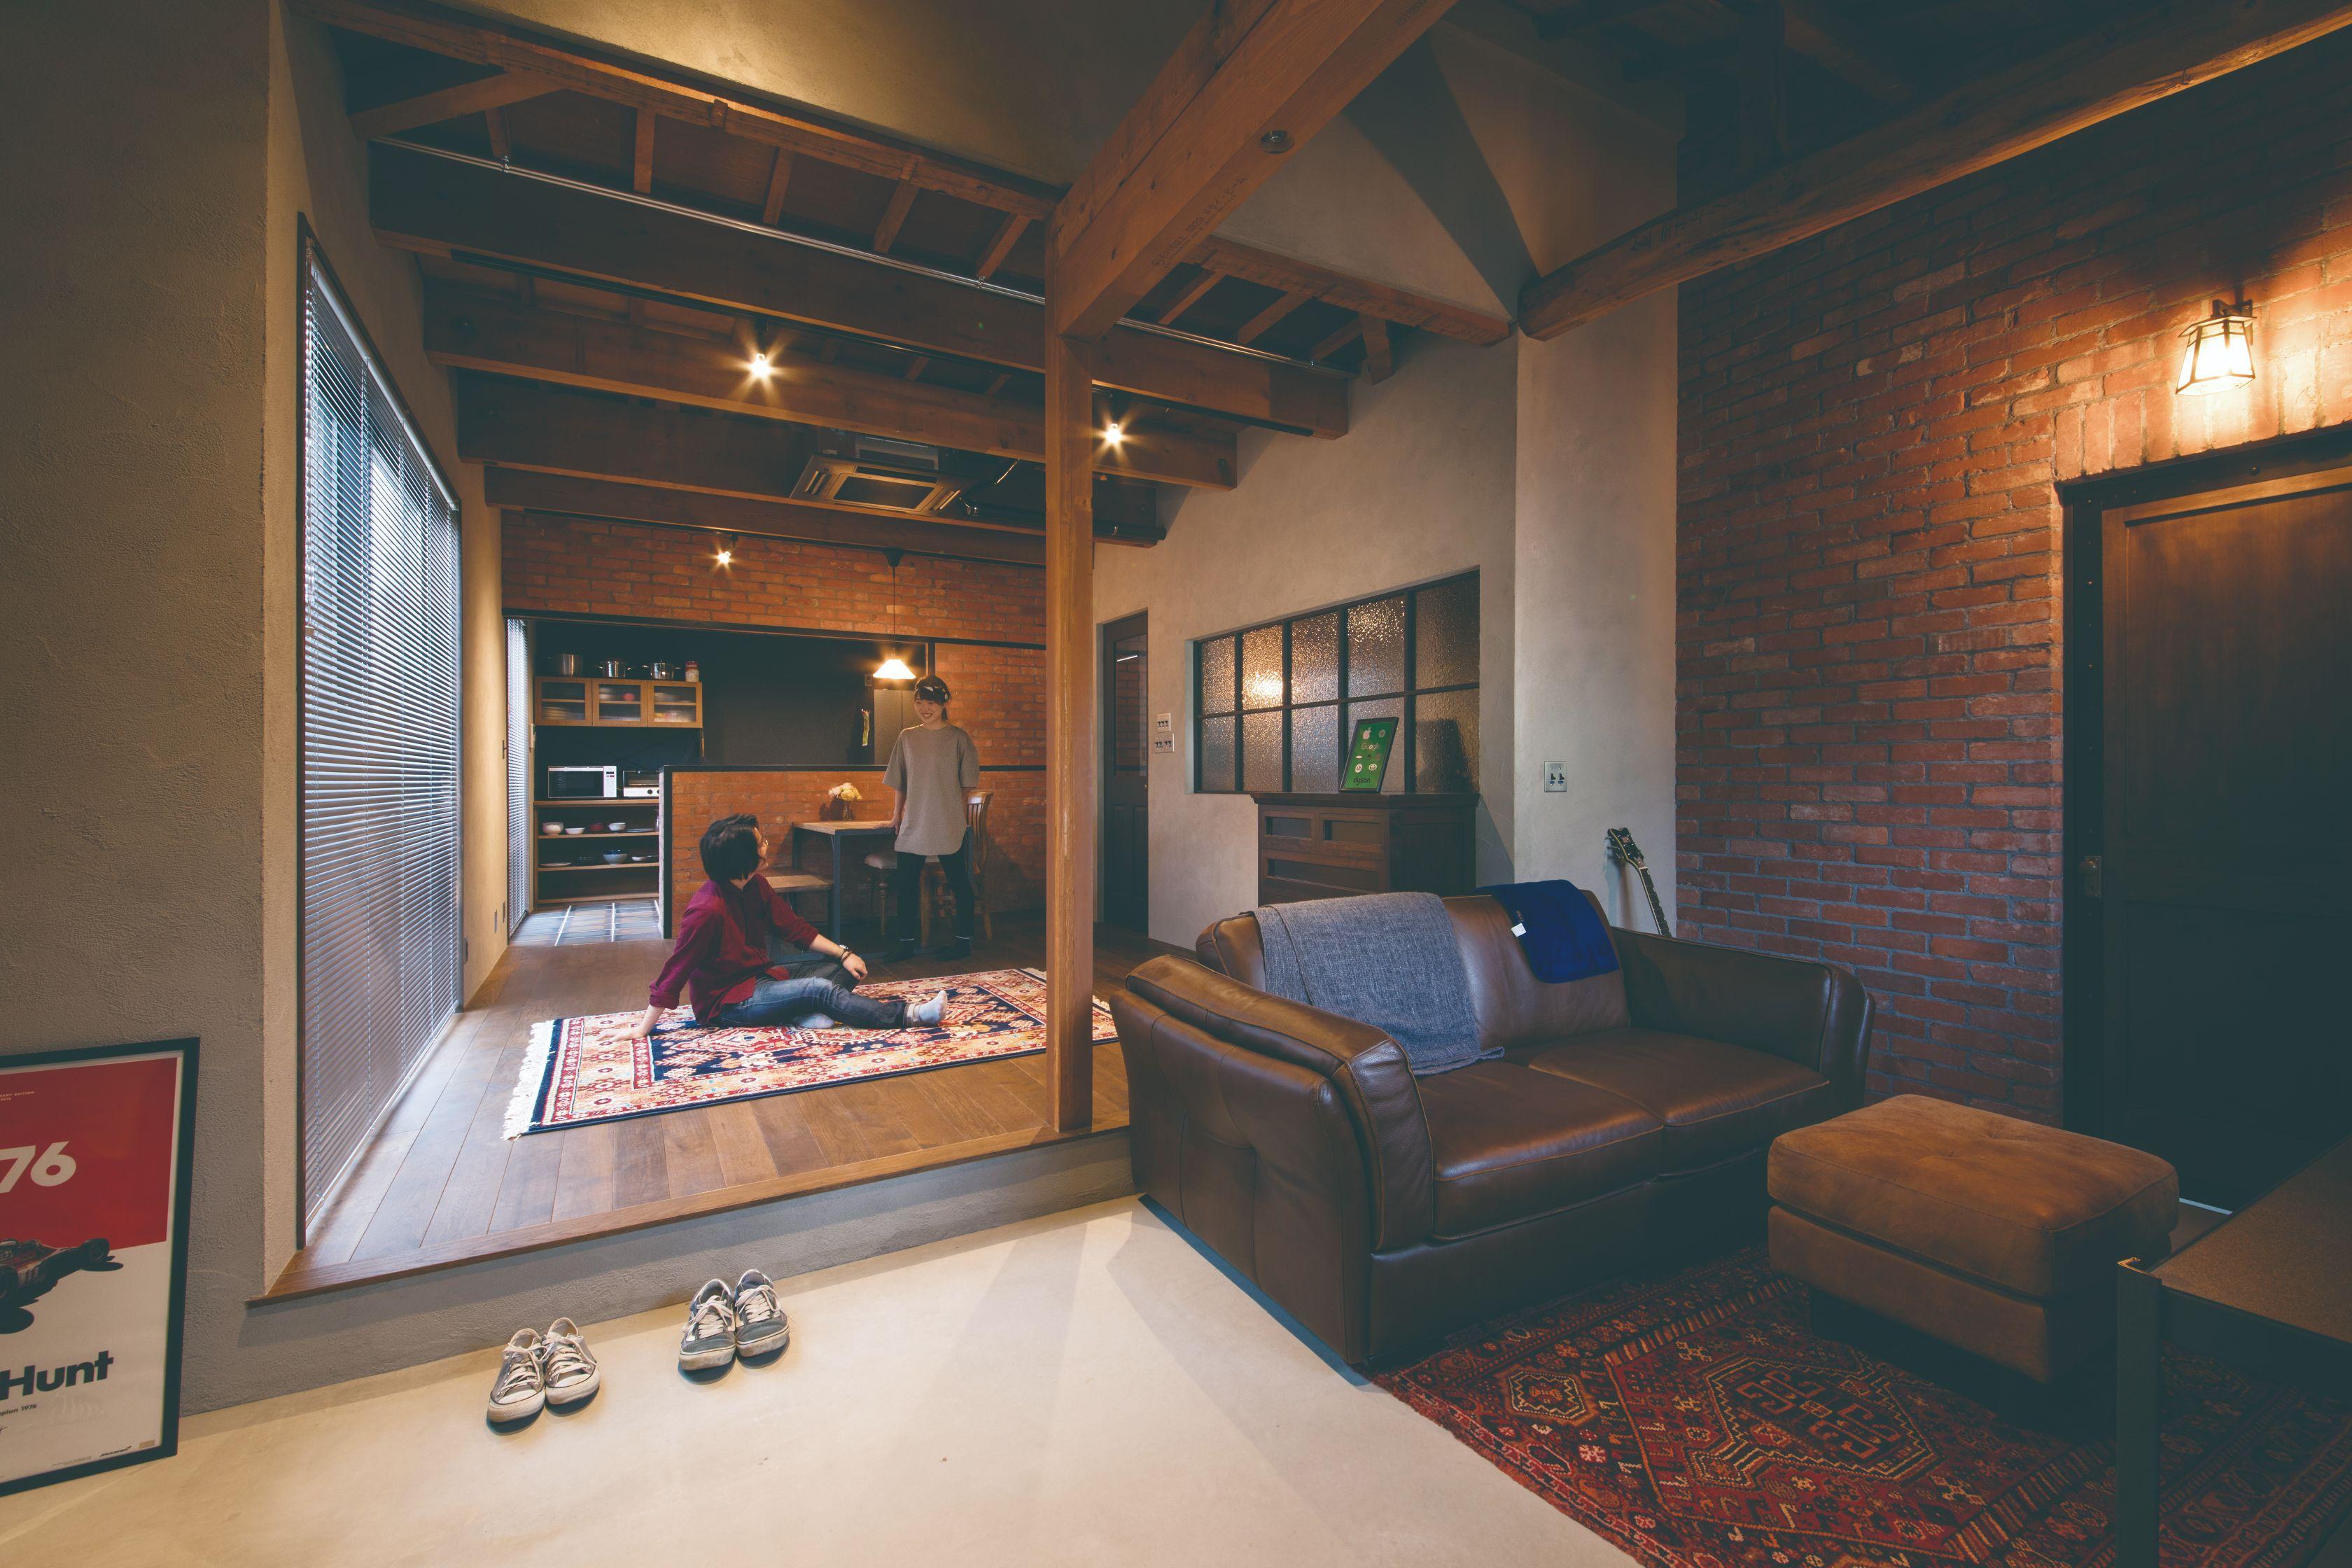 玄関を入った瞬間、外観との大きなギャップに誰もが驚かされる。古い柱と梁を活かしつつ、赤レンガと土間を組み合わせた空間をヴィンテージ家具や照明でコーディネートした